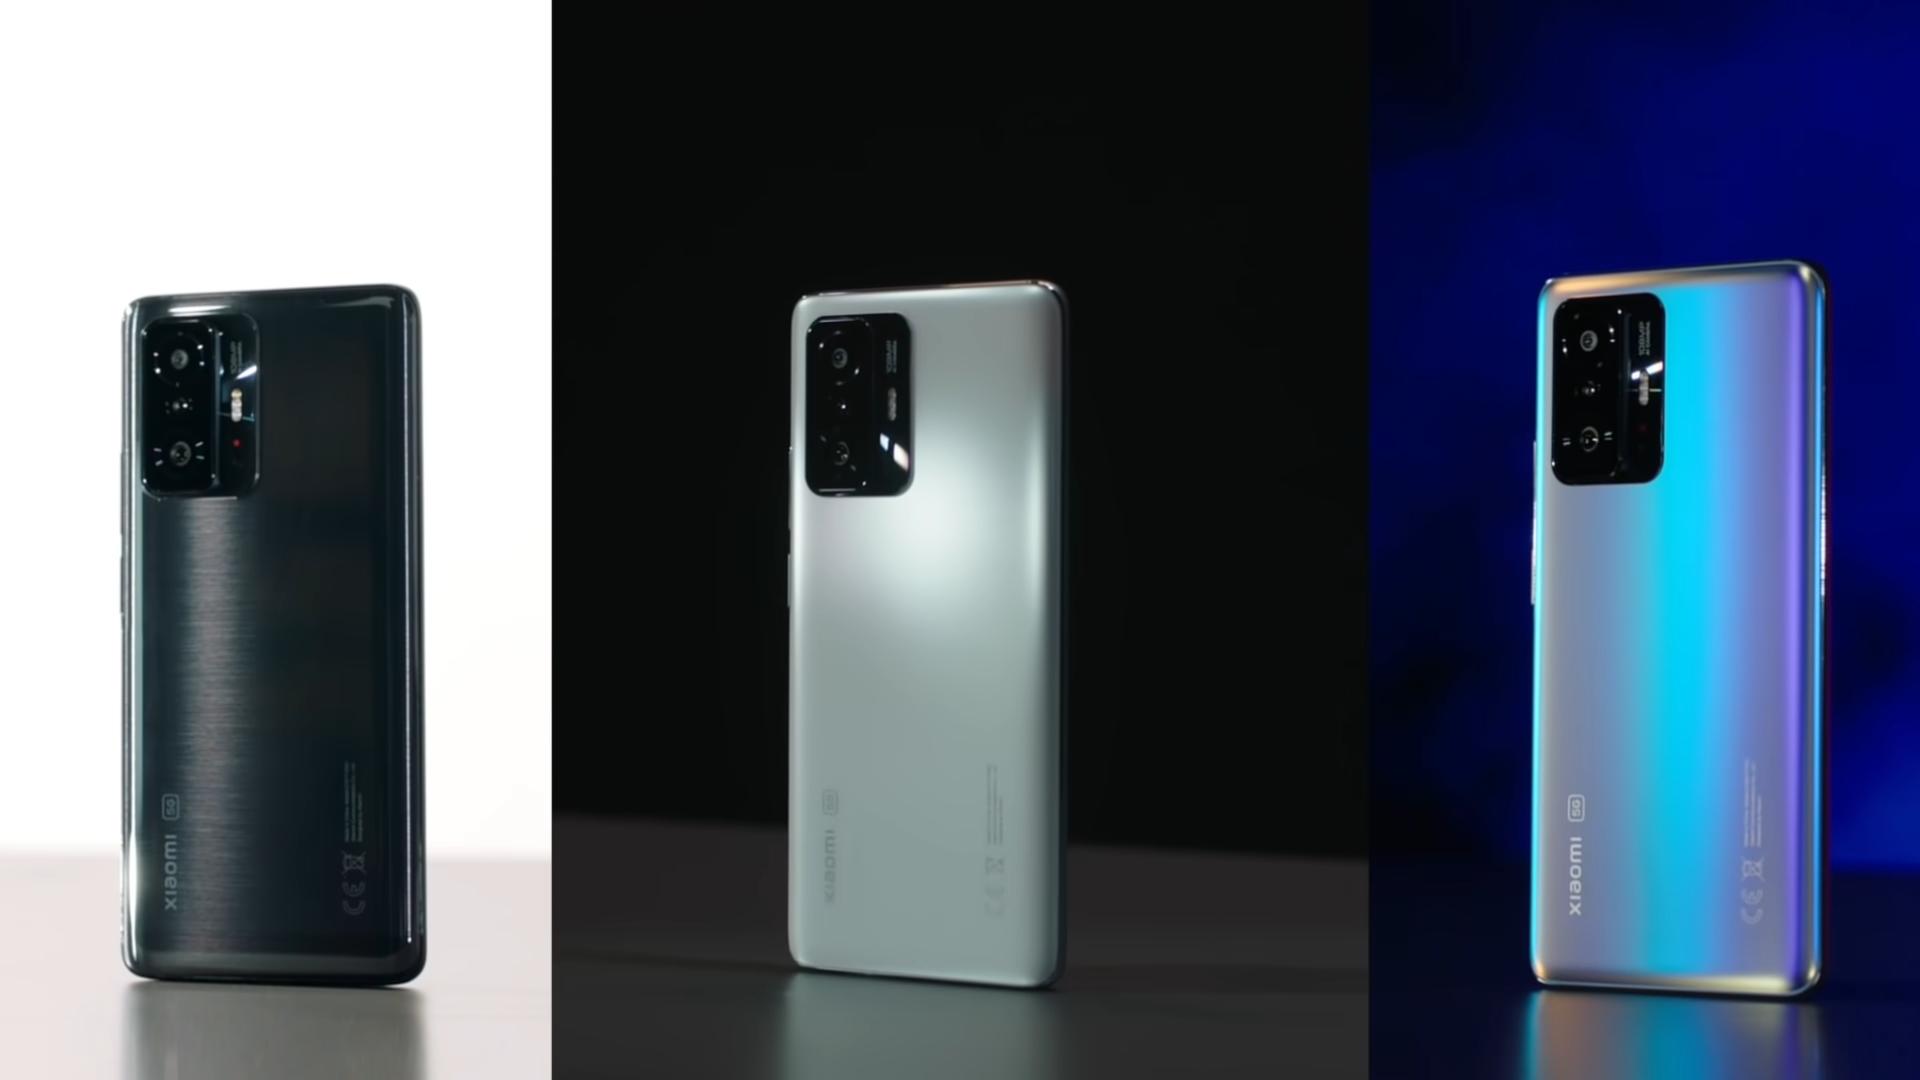 Xiaomi 11t pro vem com até 12gb de ram e carregamento em 17 minutos. Este smartphone ainda pode ser carregado de zero a 72% em dez minutos, conforme a xiaomi. Confira!